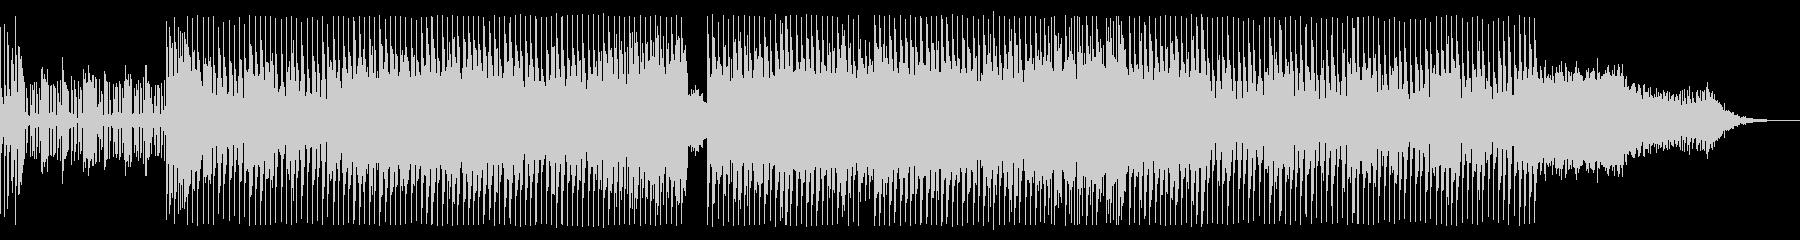 ノイジーでハードなエレクトロサウンドの未再生の波形